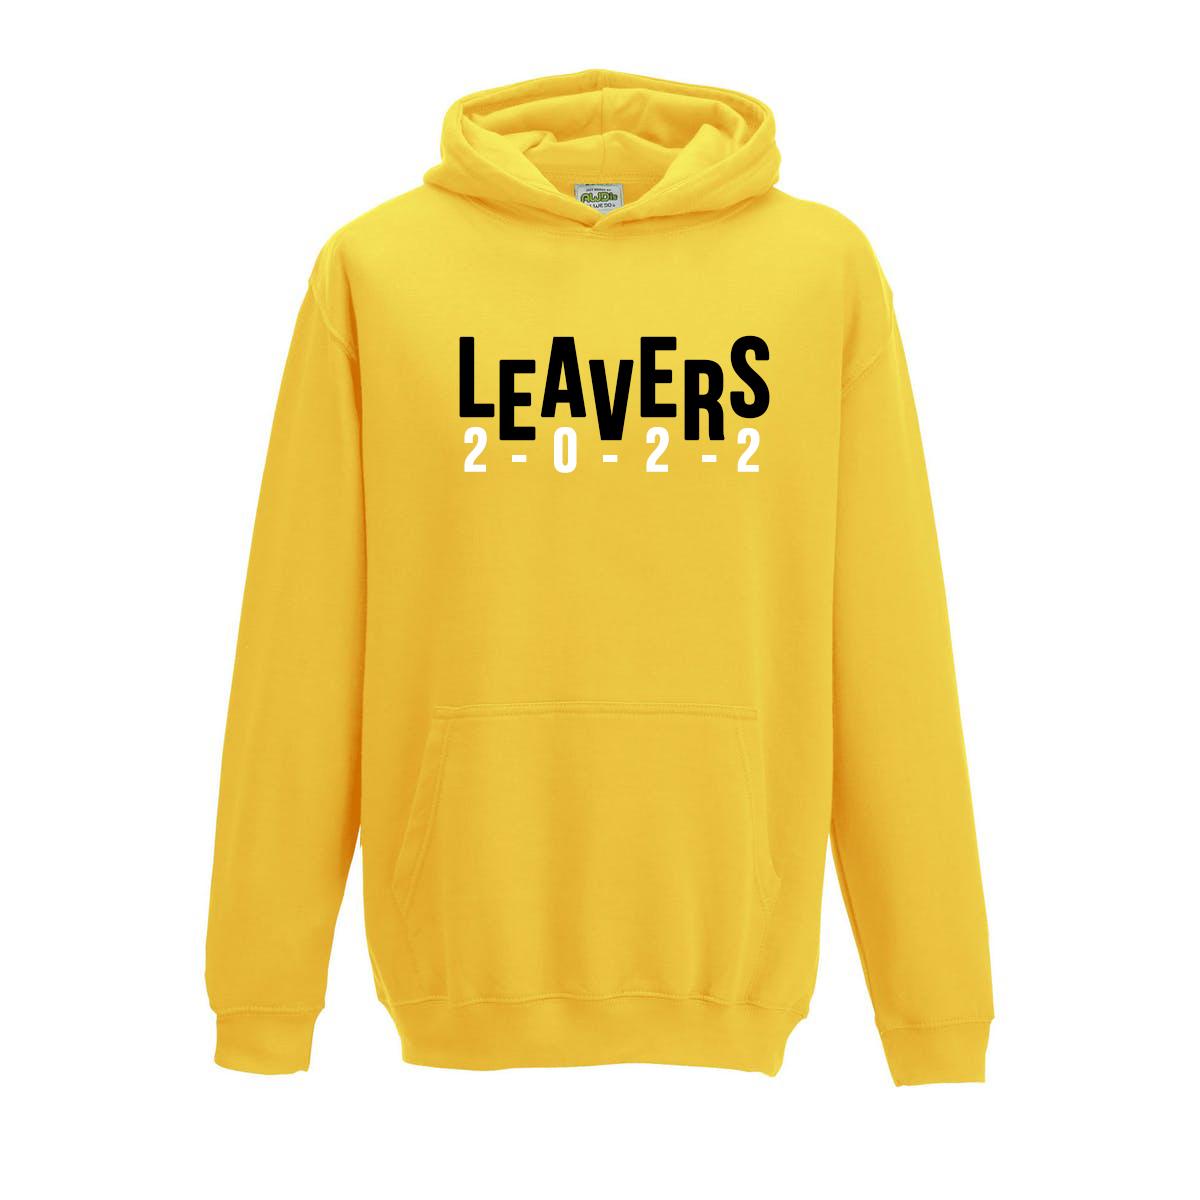 Leavers Hoodie Front Design 3